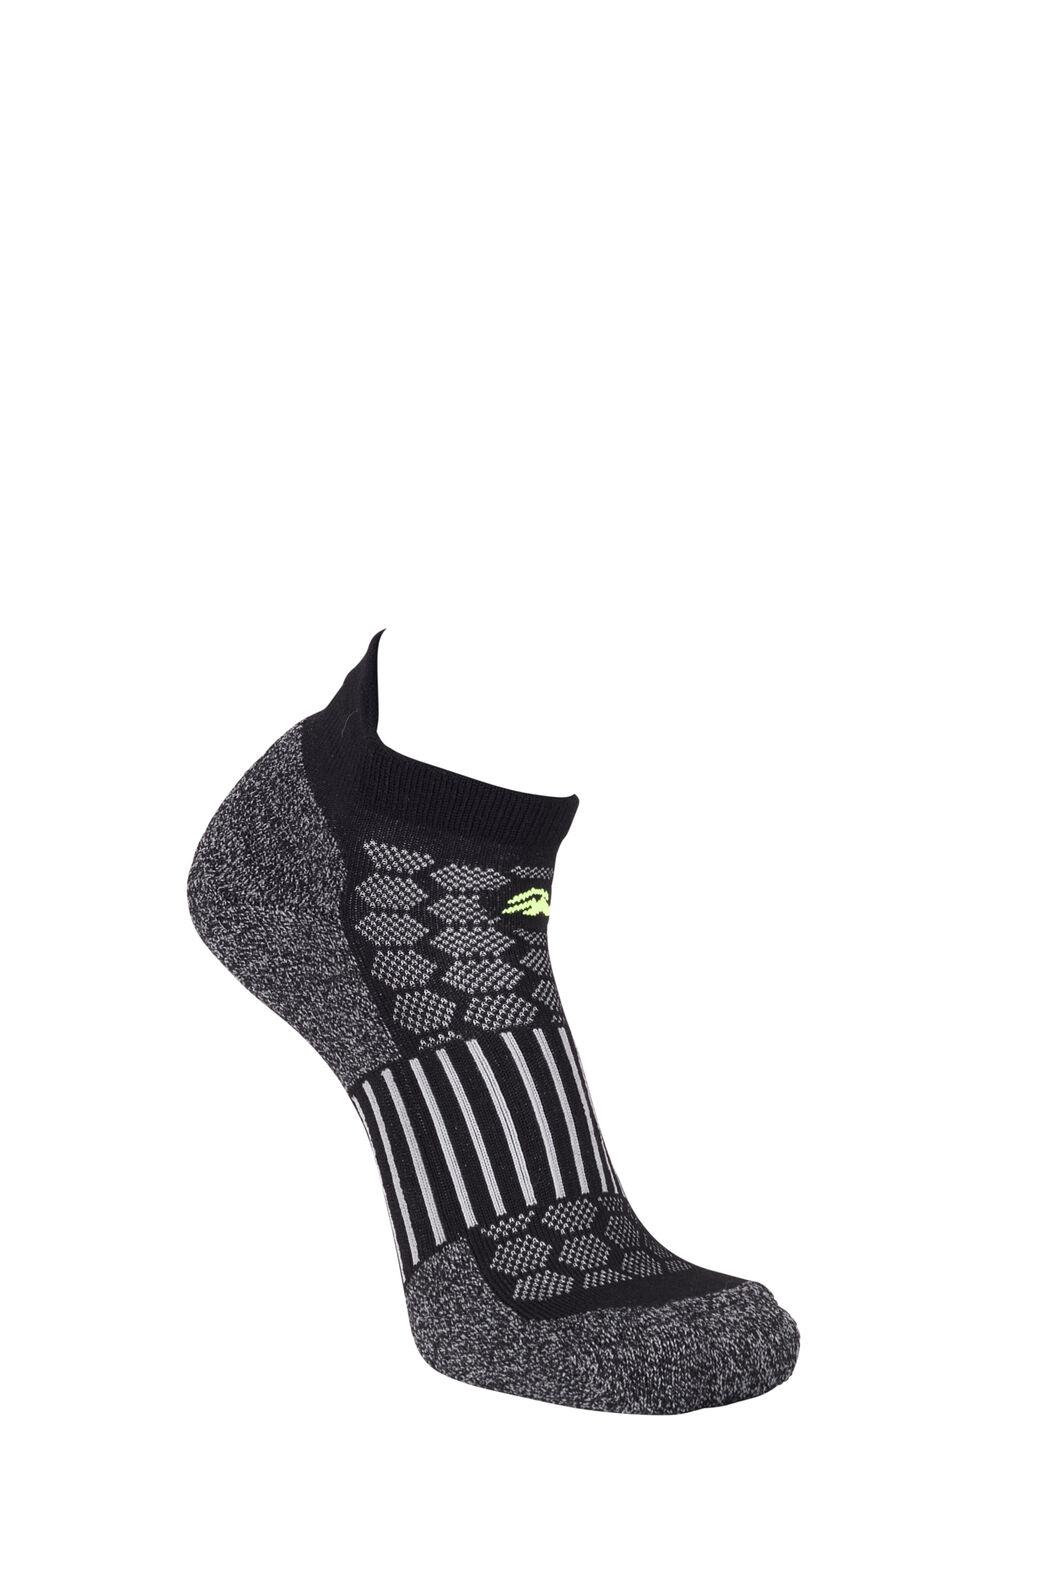 Macpac Tech Merino Trail Socks, Black, hi-res